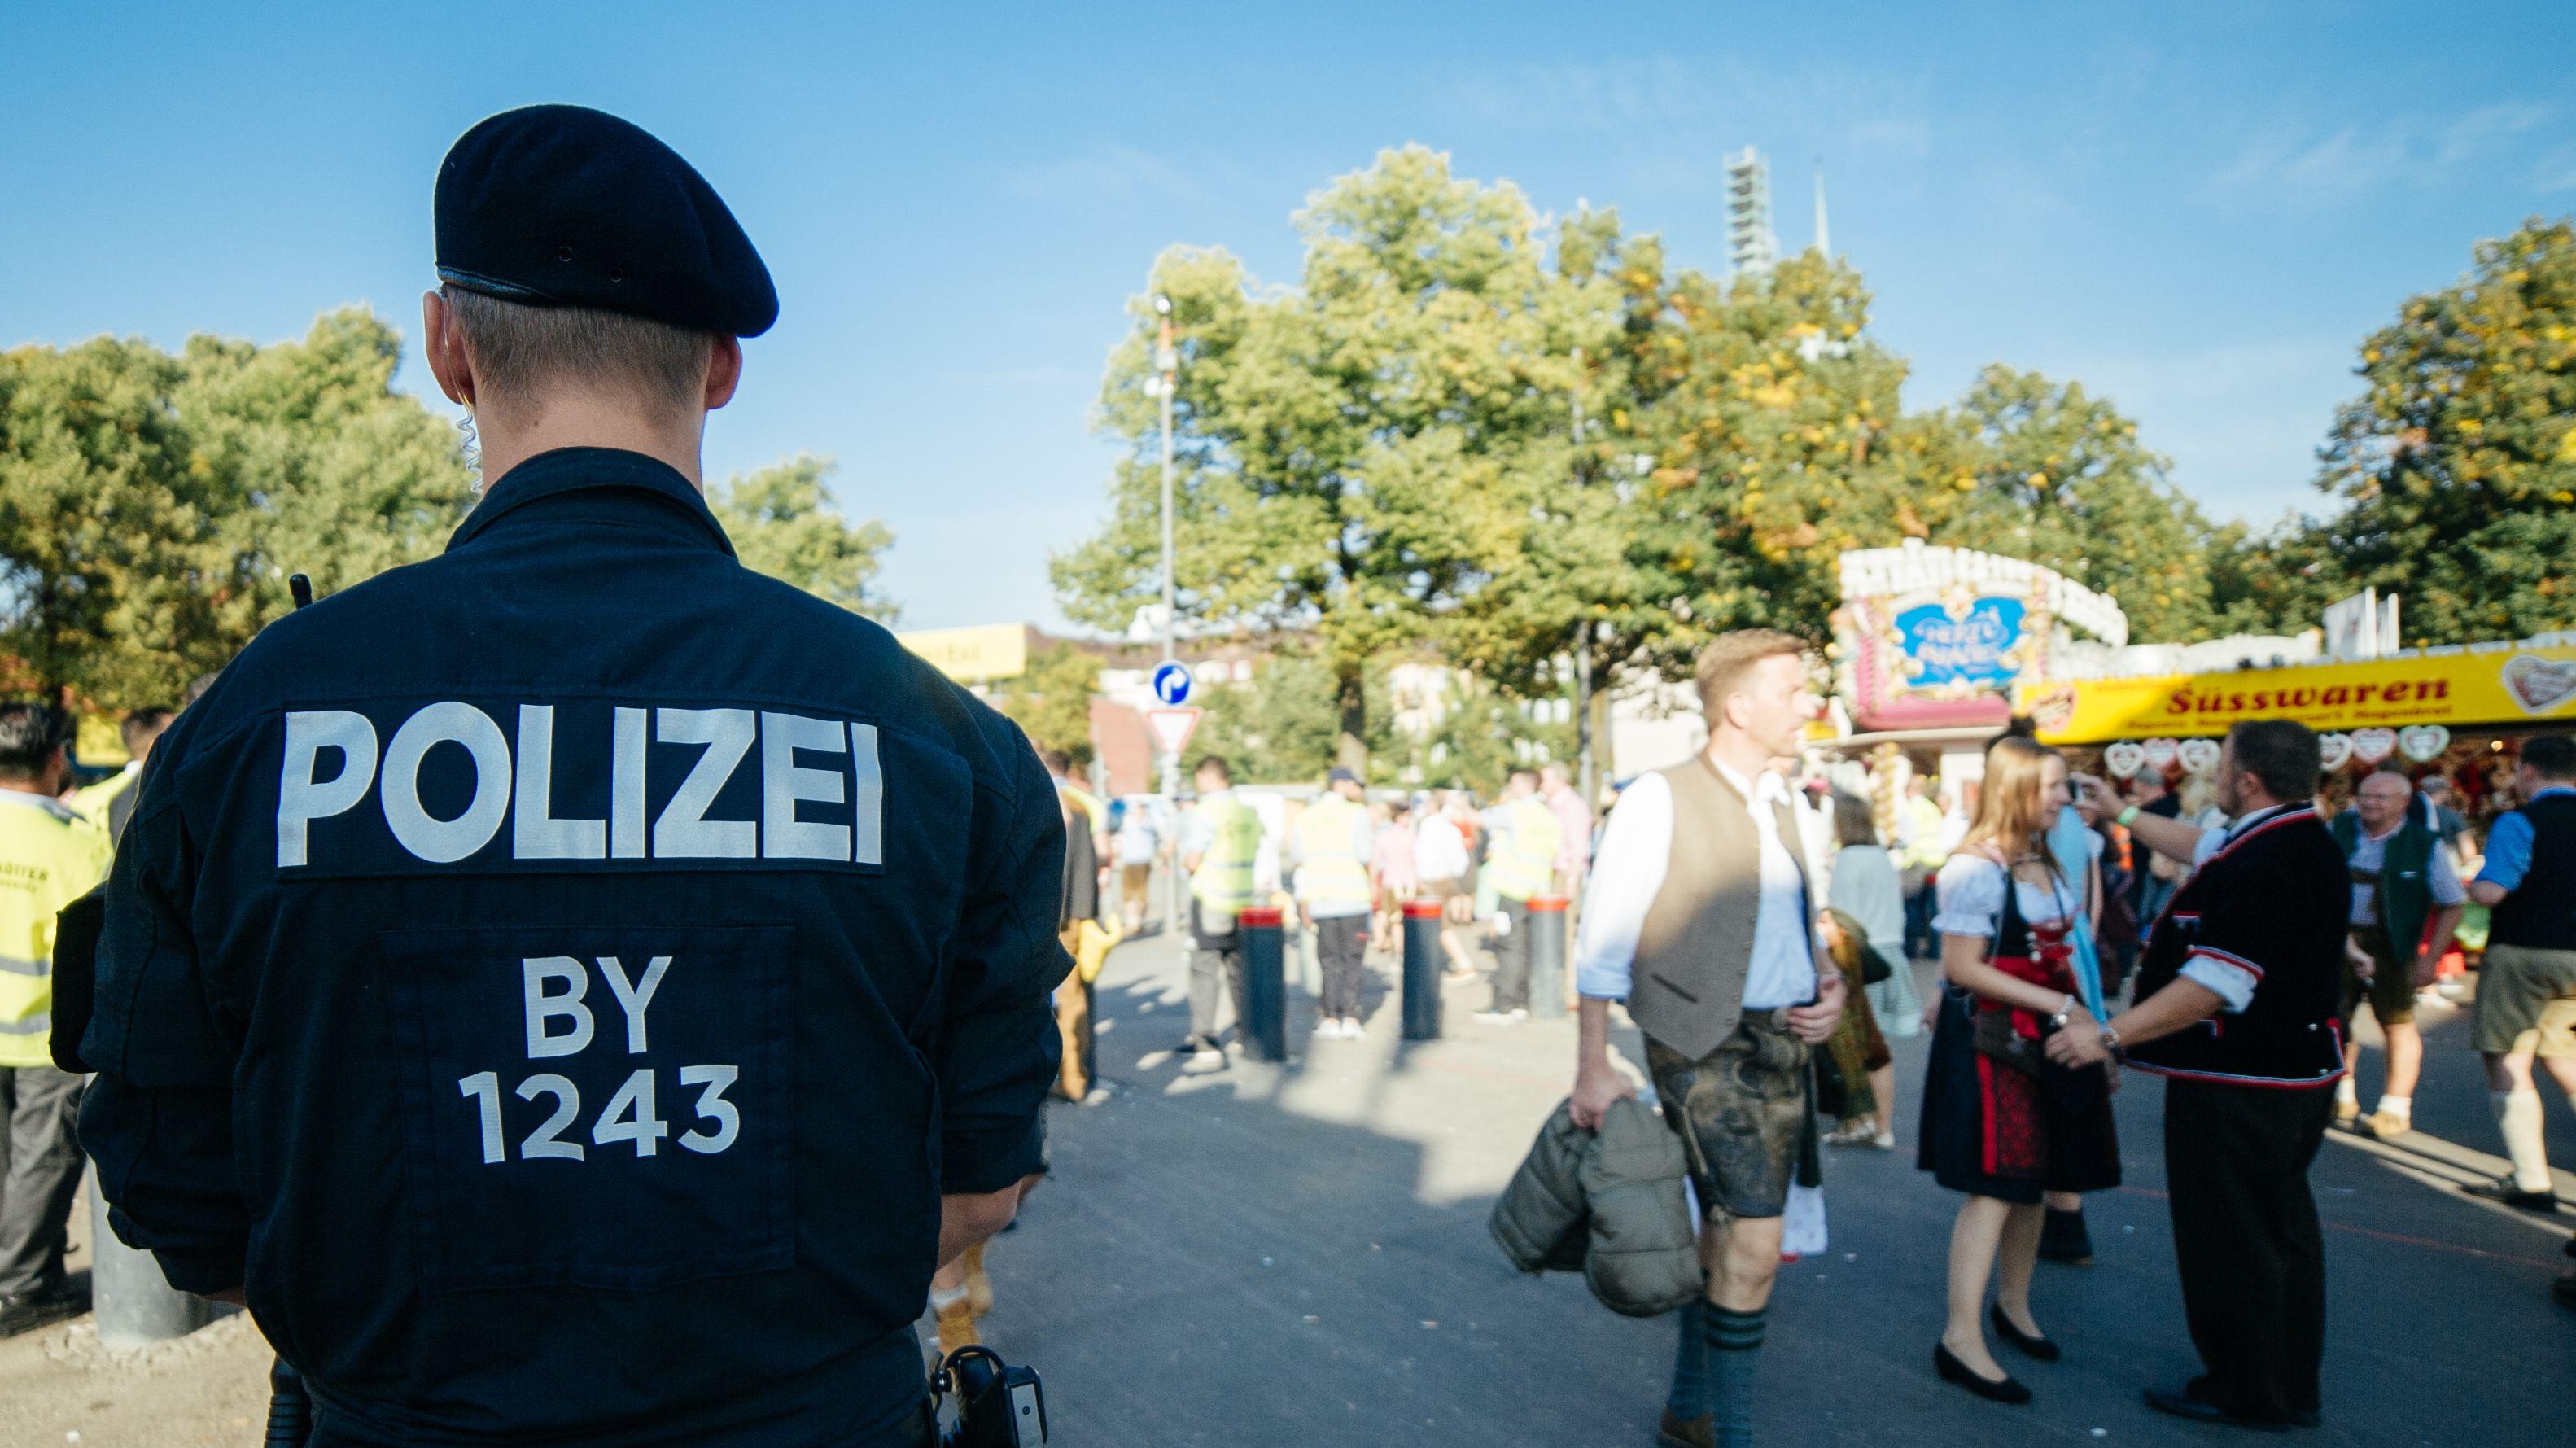 In Sachen Kriminalität meldet die Polizei von der Wiesn vermeldet weitgehend Konstanz  - und nennt launige wie dramatische Einzelfälle.